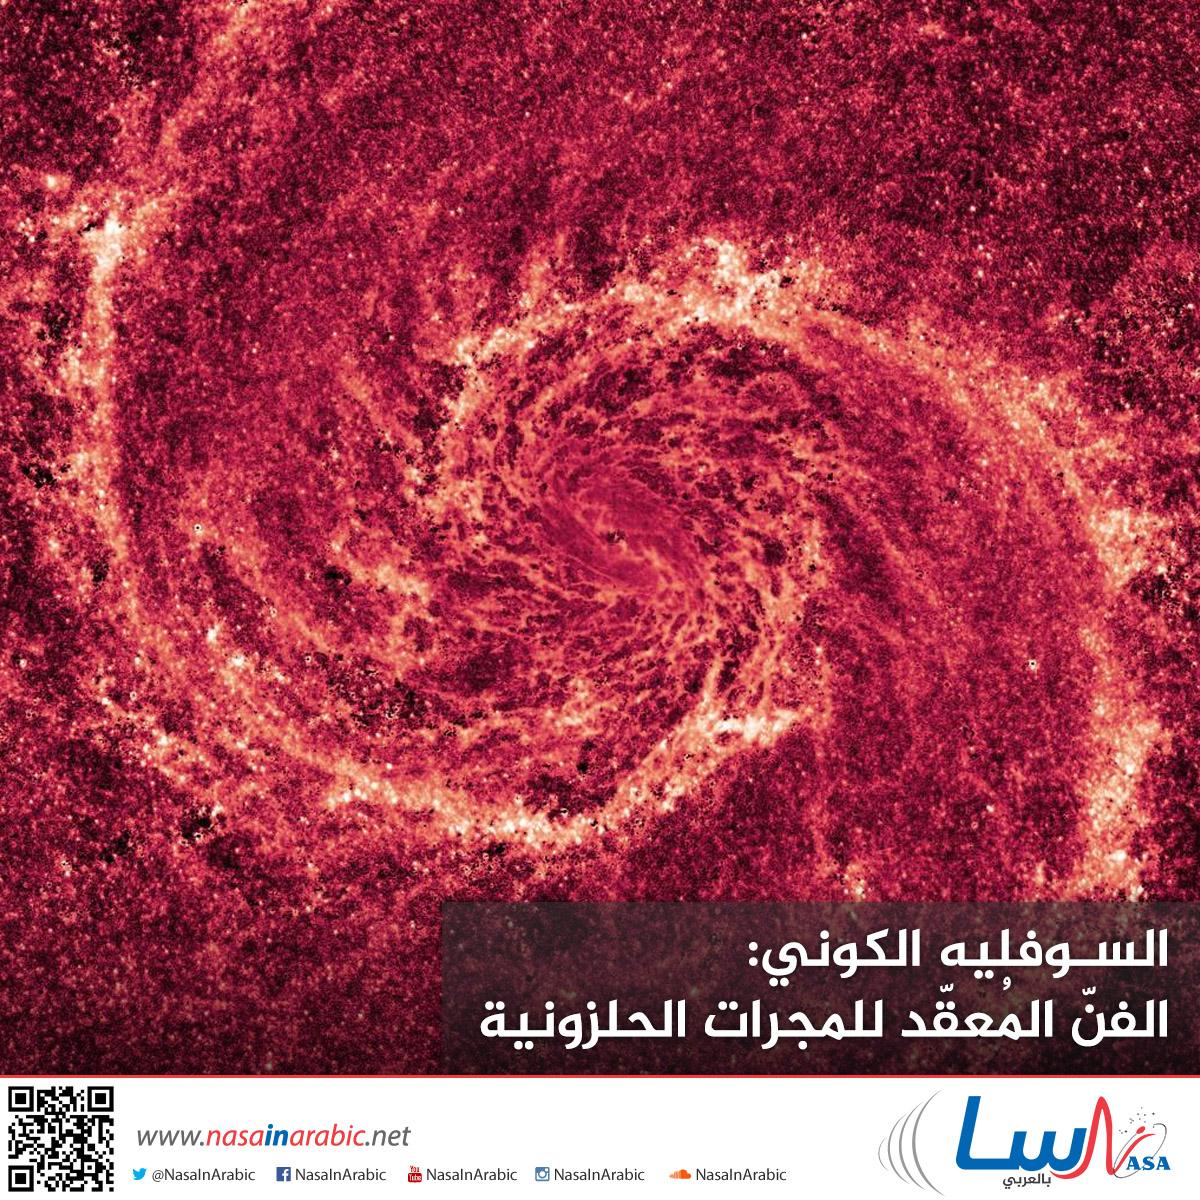 السوفليه الكوني: الفنّ المُعقّد للمجرات الحلزونية